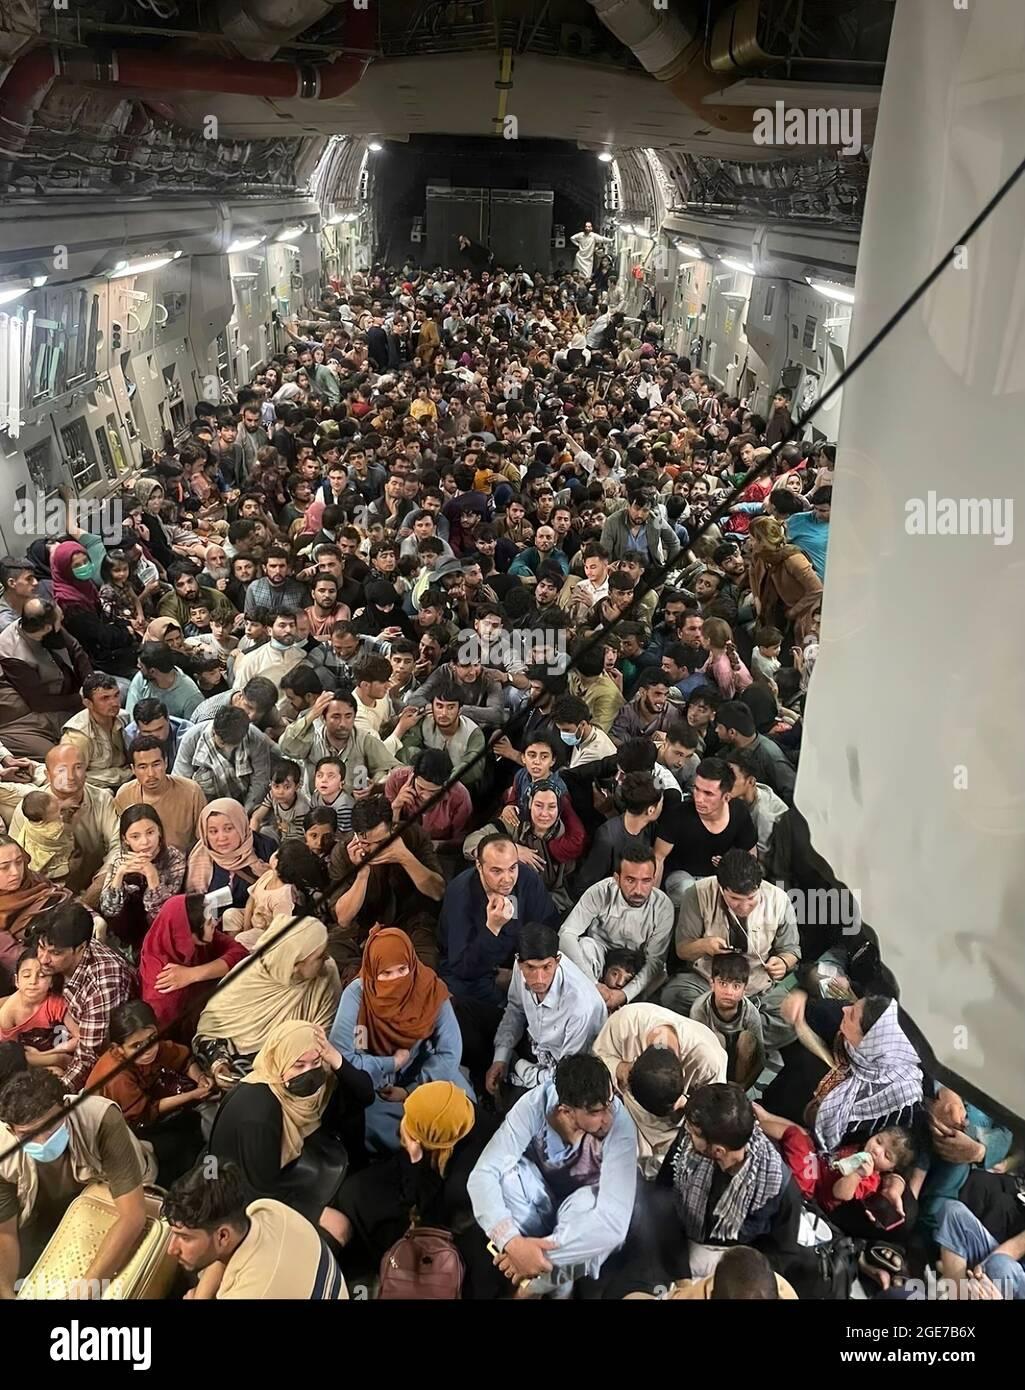 Il callsign della missione ' REACH 871 ', UN C-17 degli Stati Uniti è caricato con 640 afgani che cercano di sfuggire ai Talebani. Una forza aerea statunitense C-17 Globemaster III ha trasportato in modo sicuro circa 640 cittadini afghani dall'aeroporto internazionale Hamid Karzai il 15 agosto 2021. Foto Stock